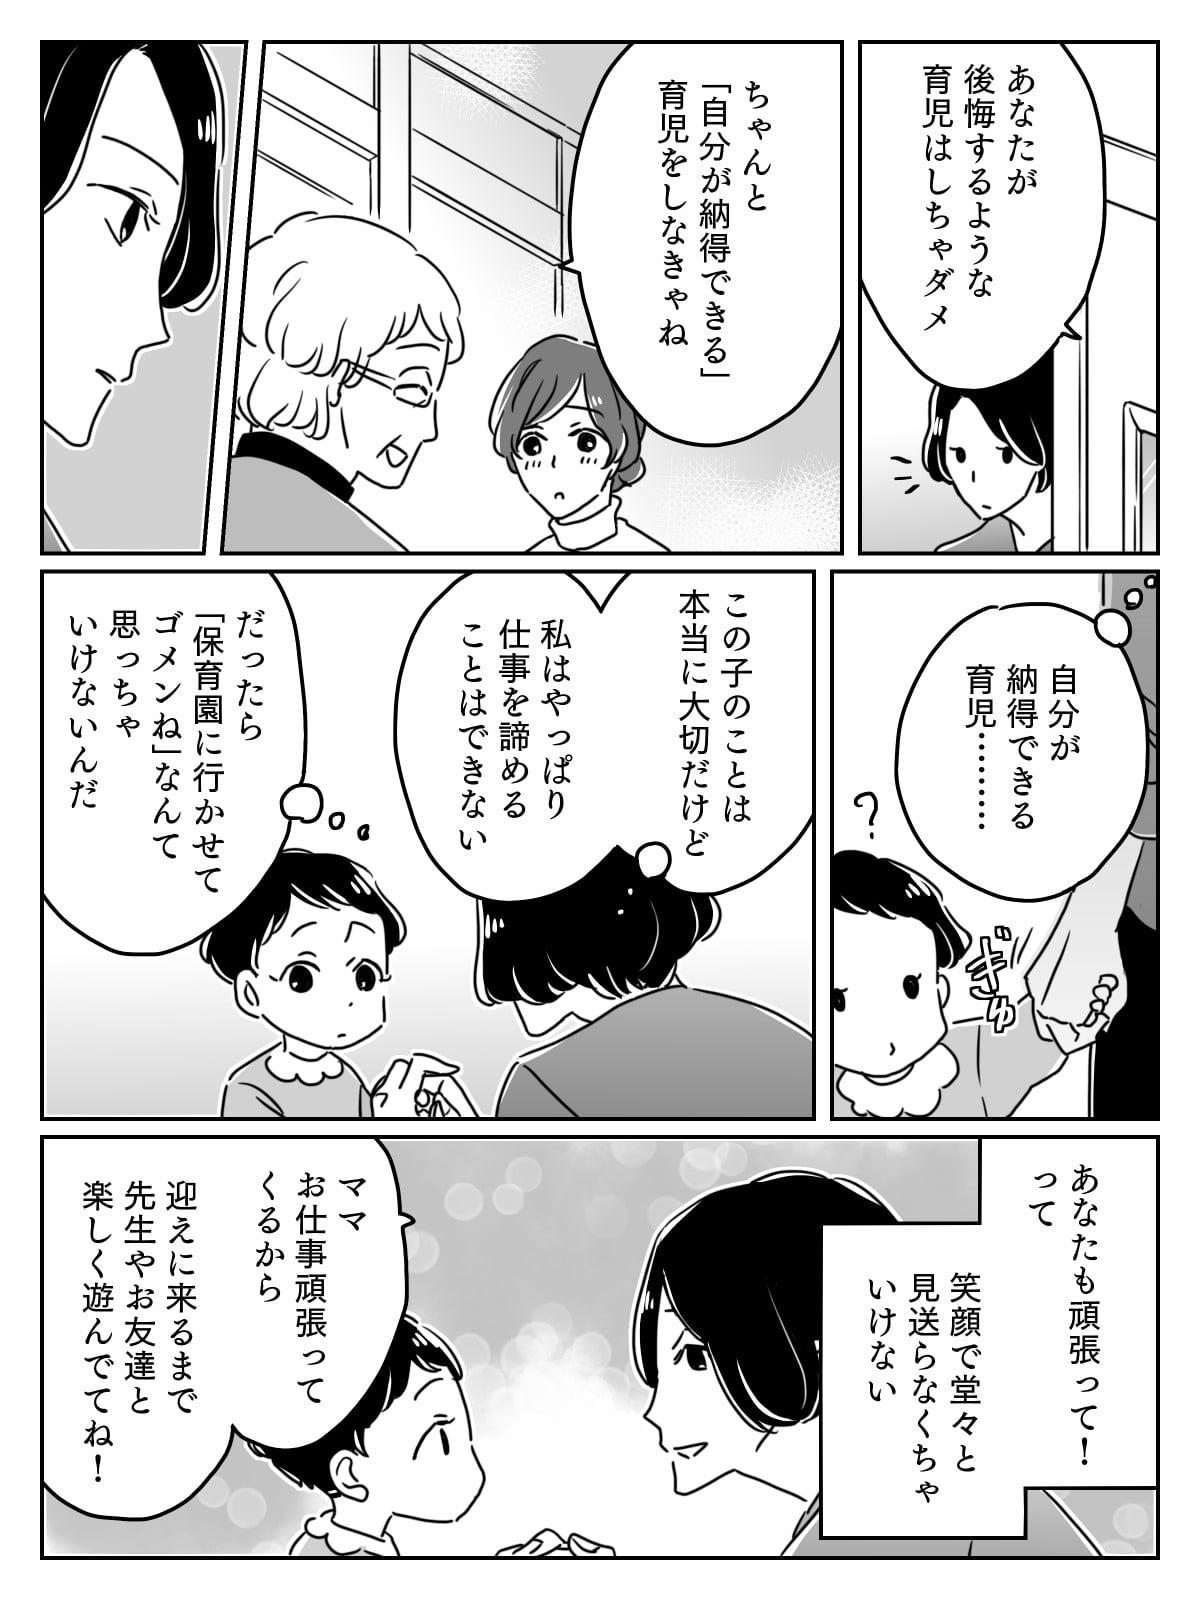 蜑咲キィ_03